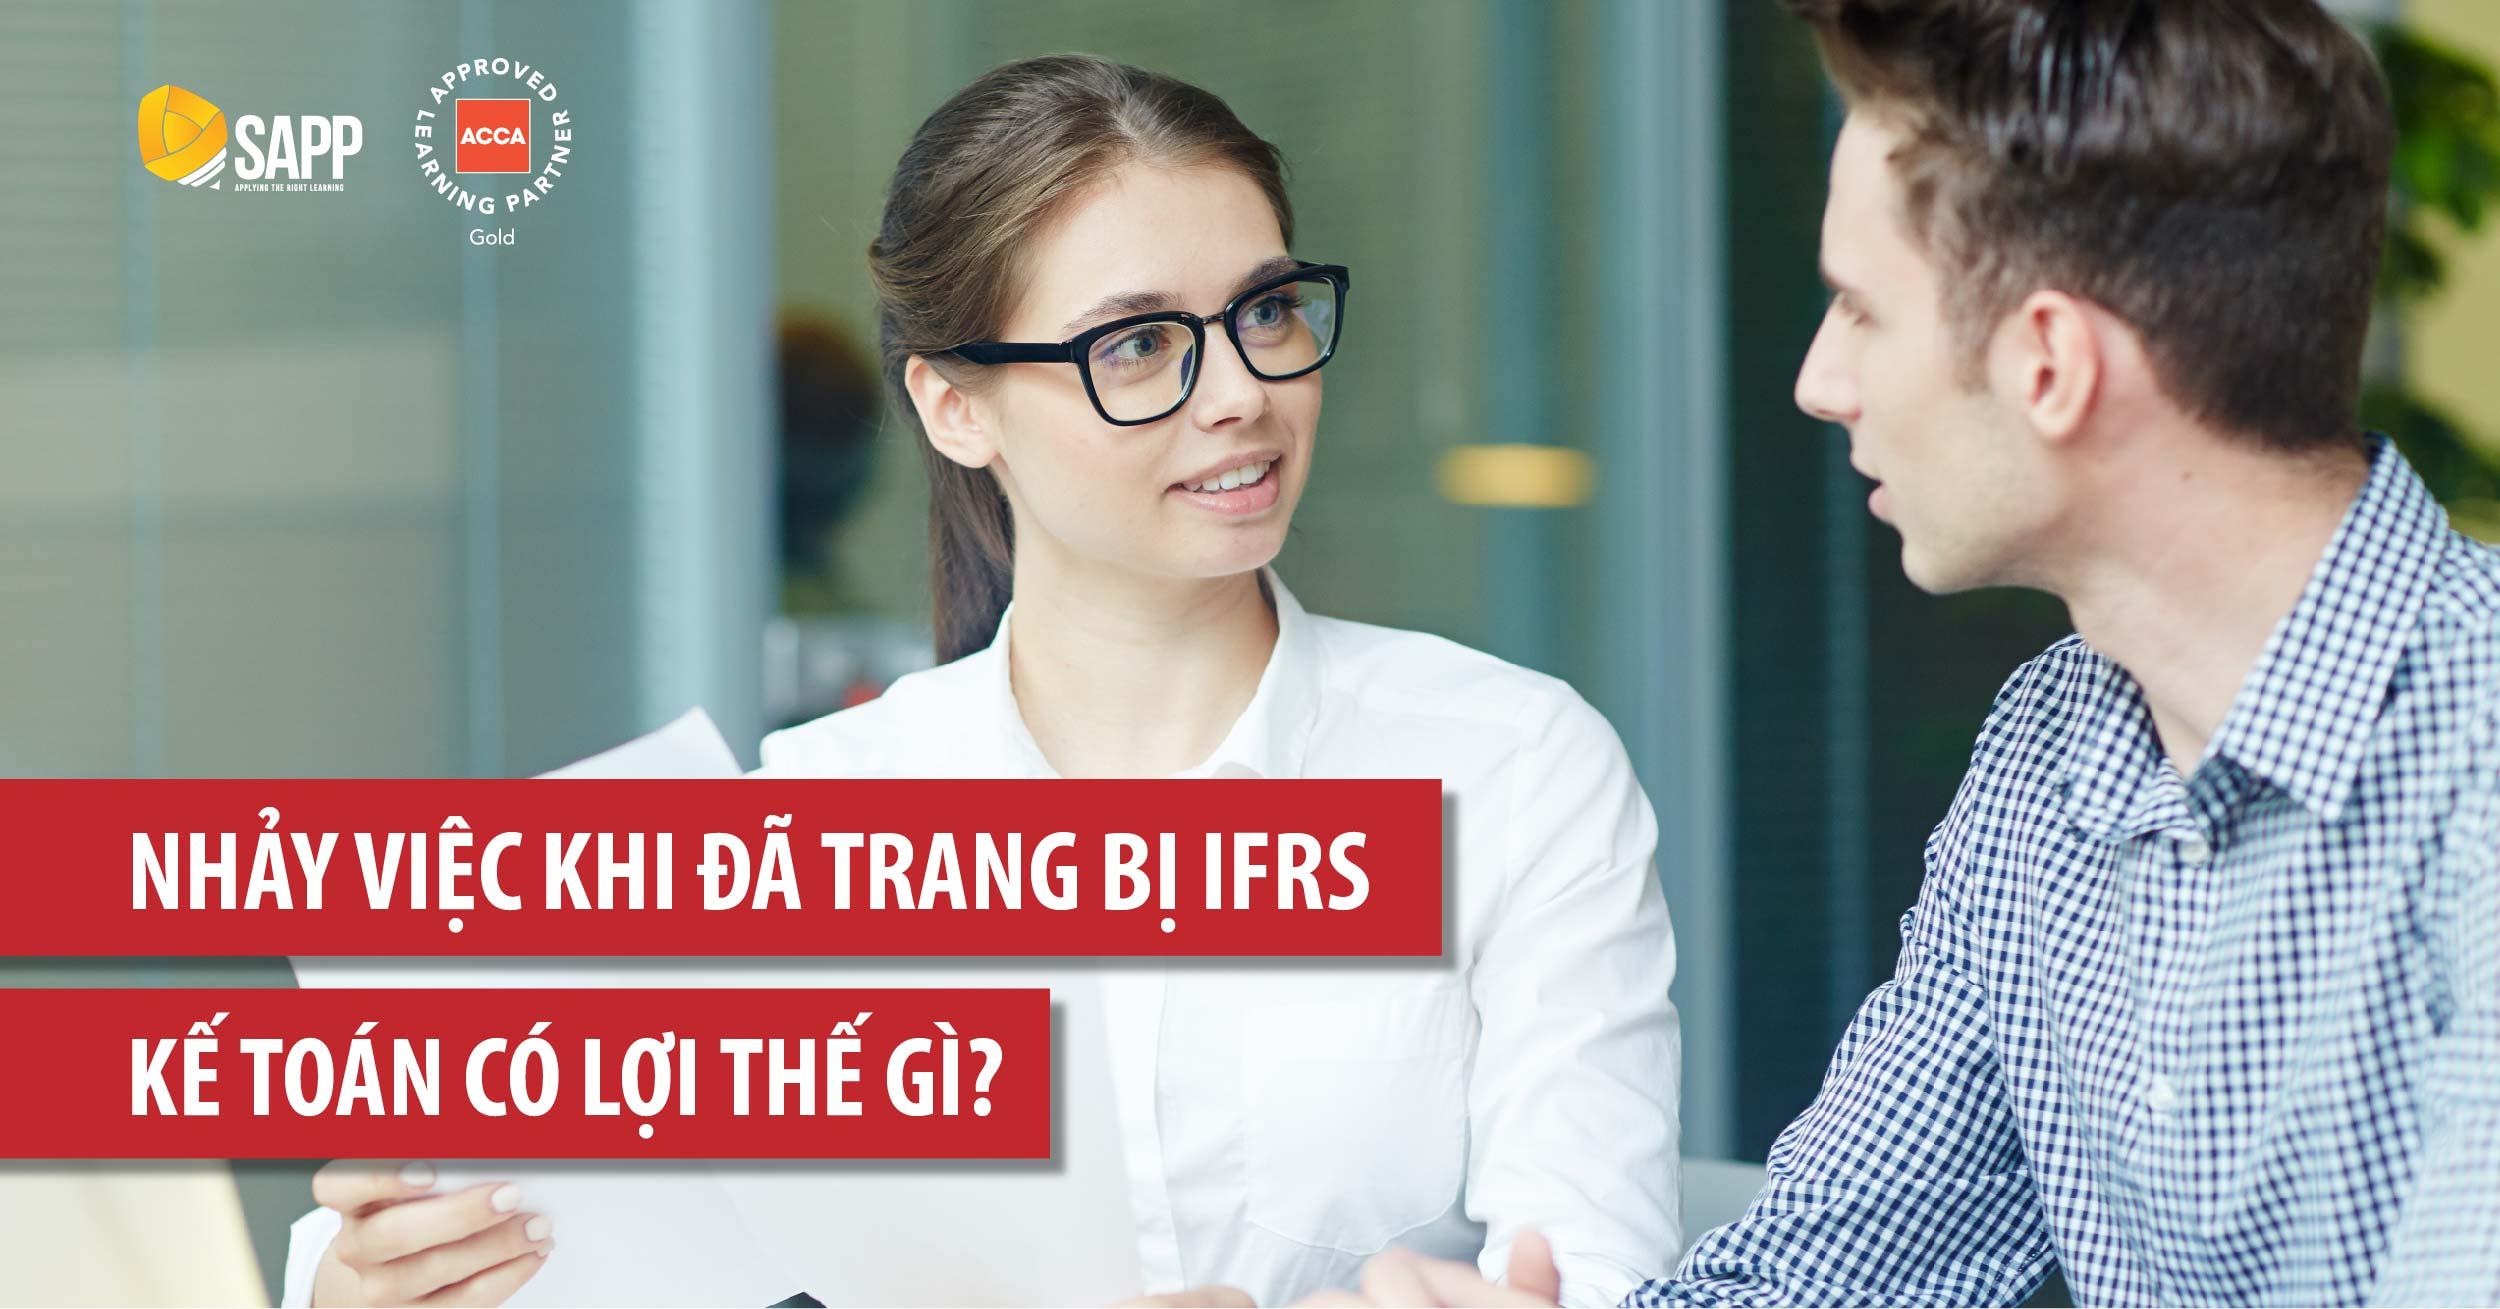 Nhảy việc khi đã trang bị IFRS, kế toán có lợi thế gì?